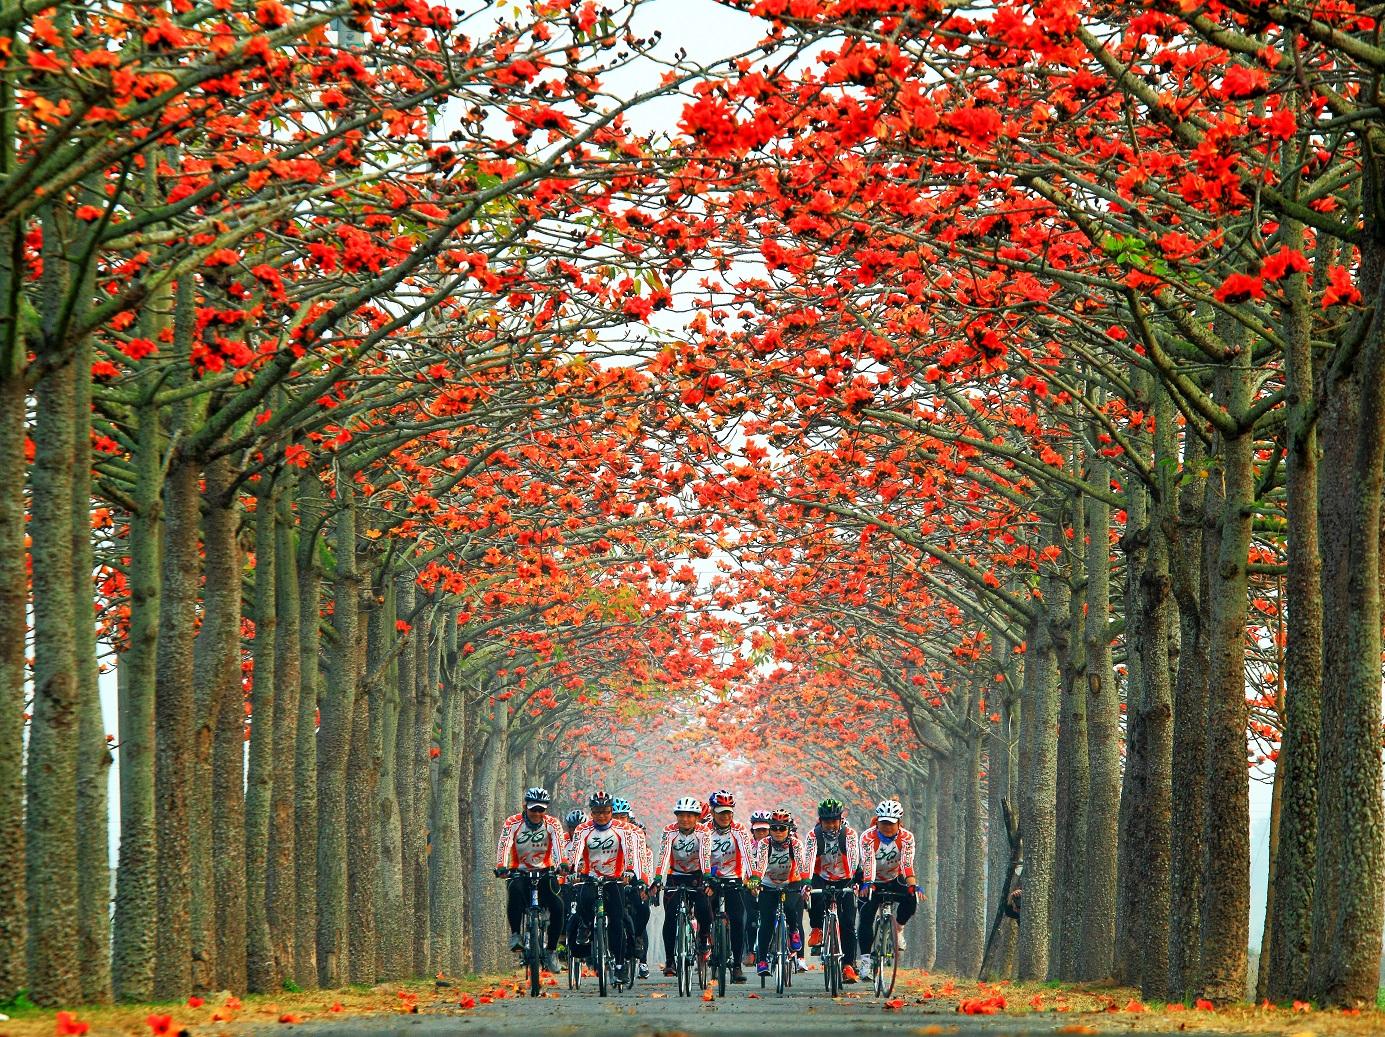 木棉花道騎乘自行車